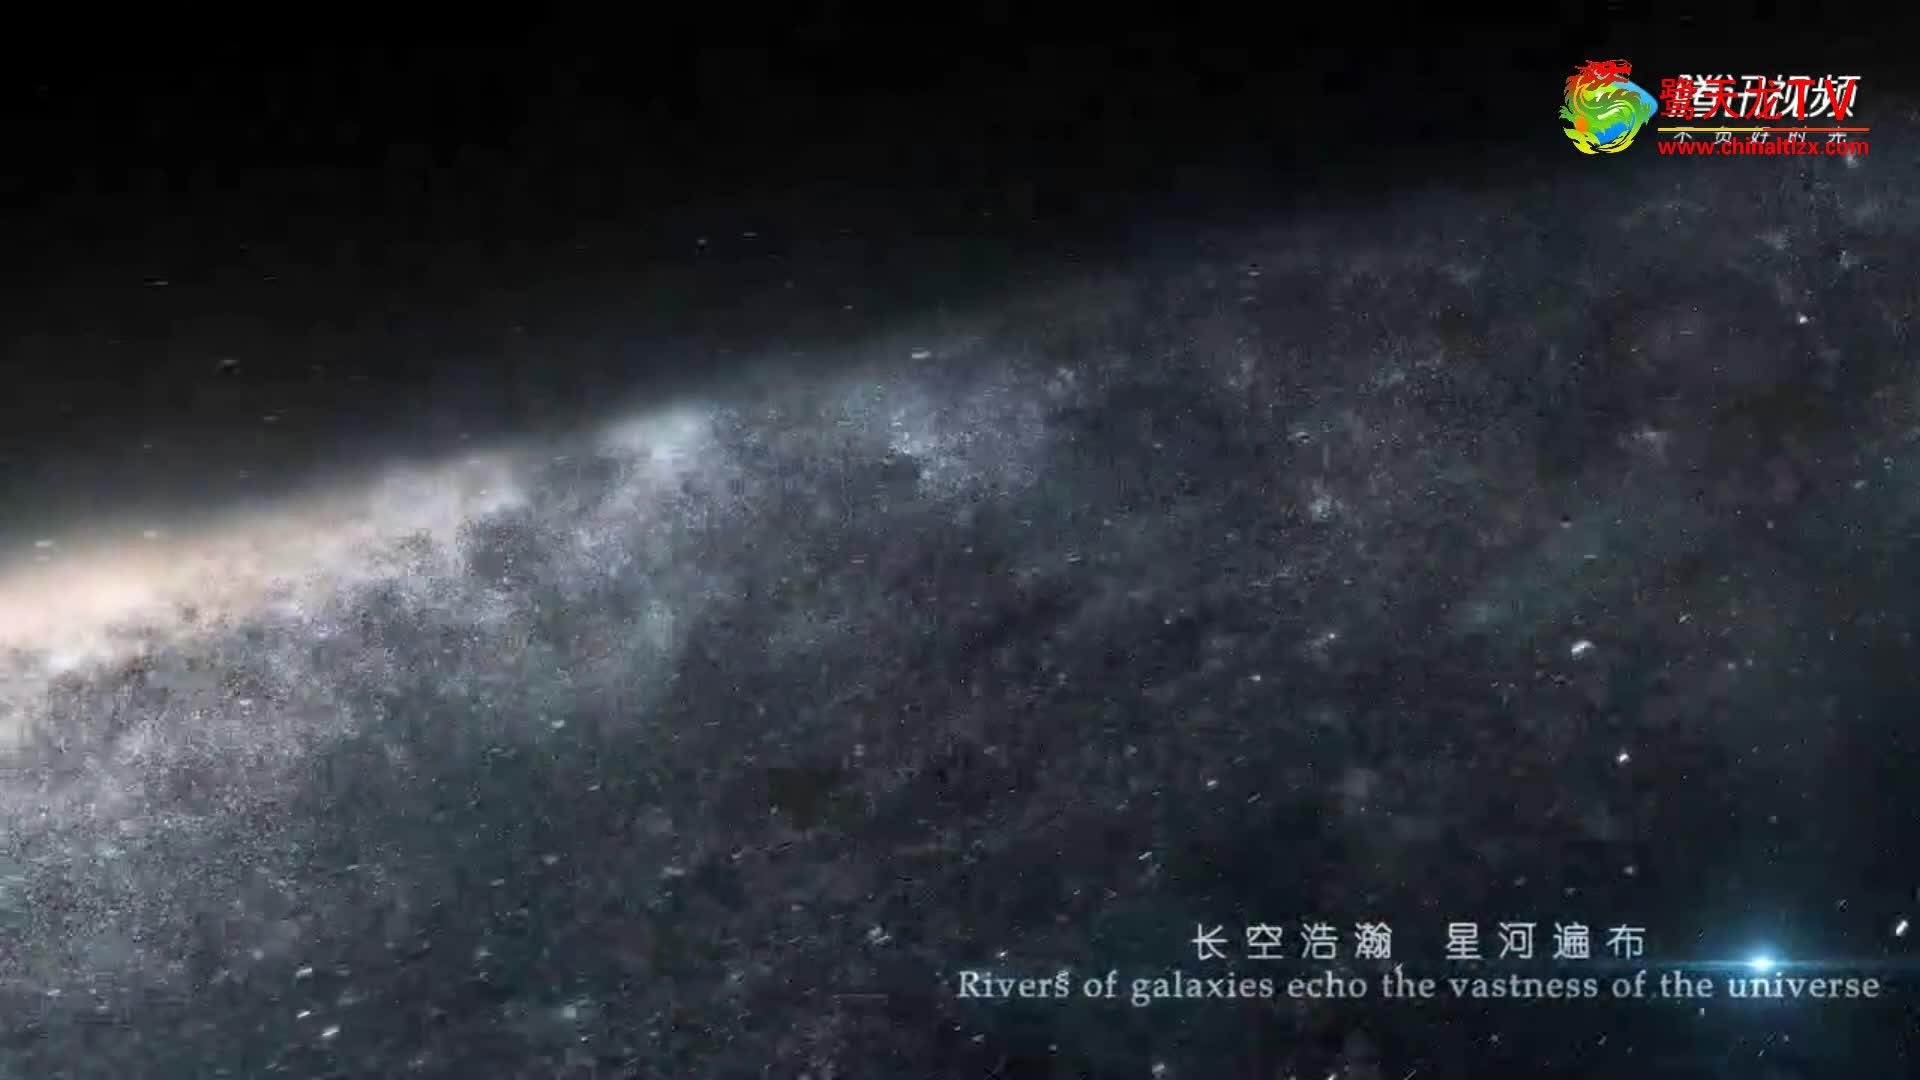 迎盛会 厦门首部官方微视频《鹭岛之光》重磅上线